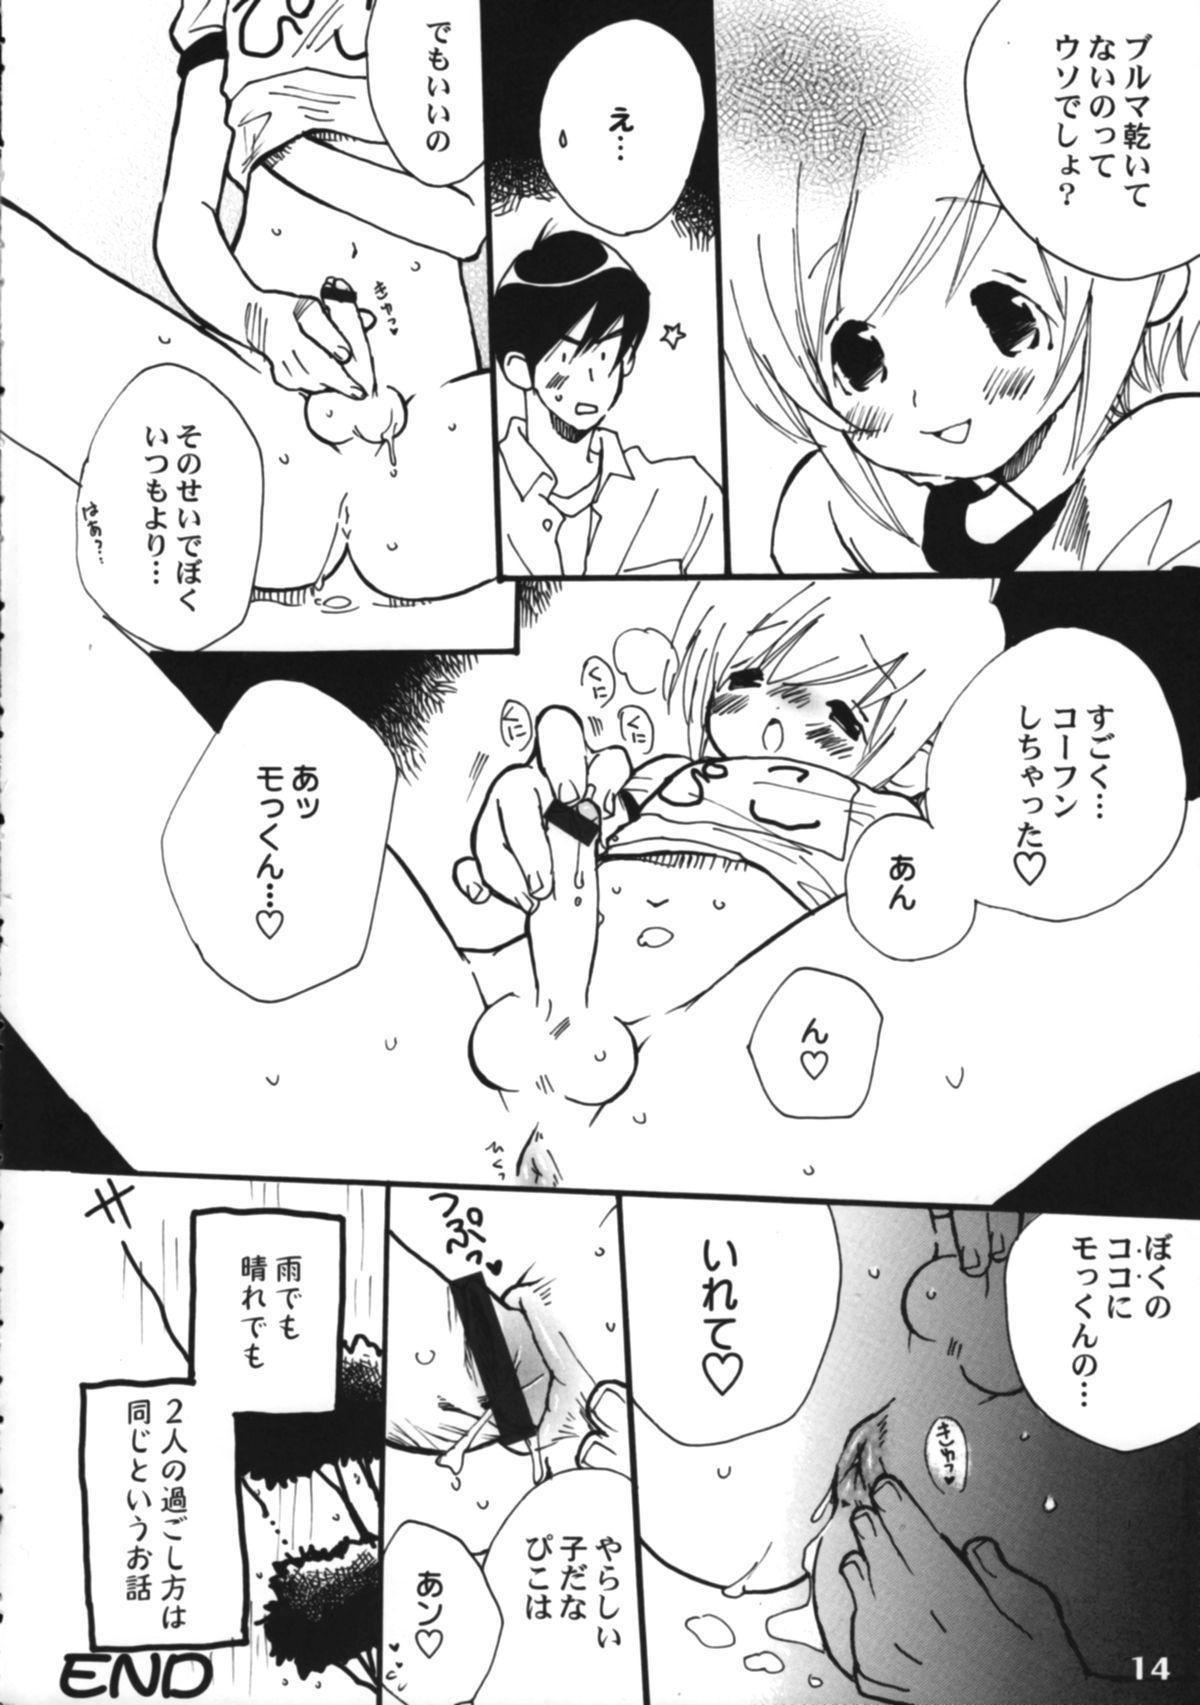 Bokutachi! Shotappuru!! 13